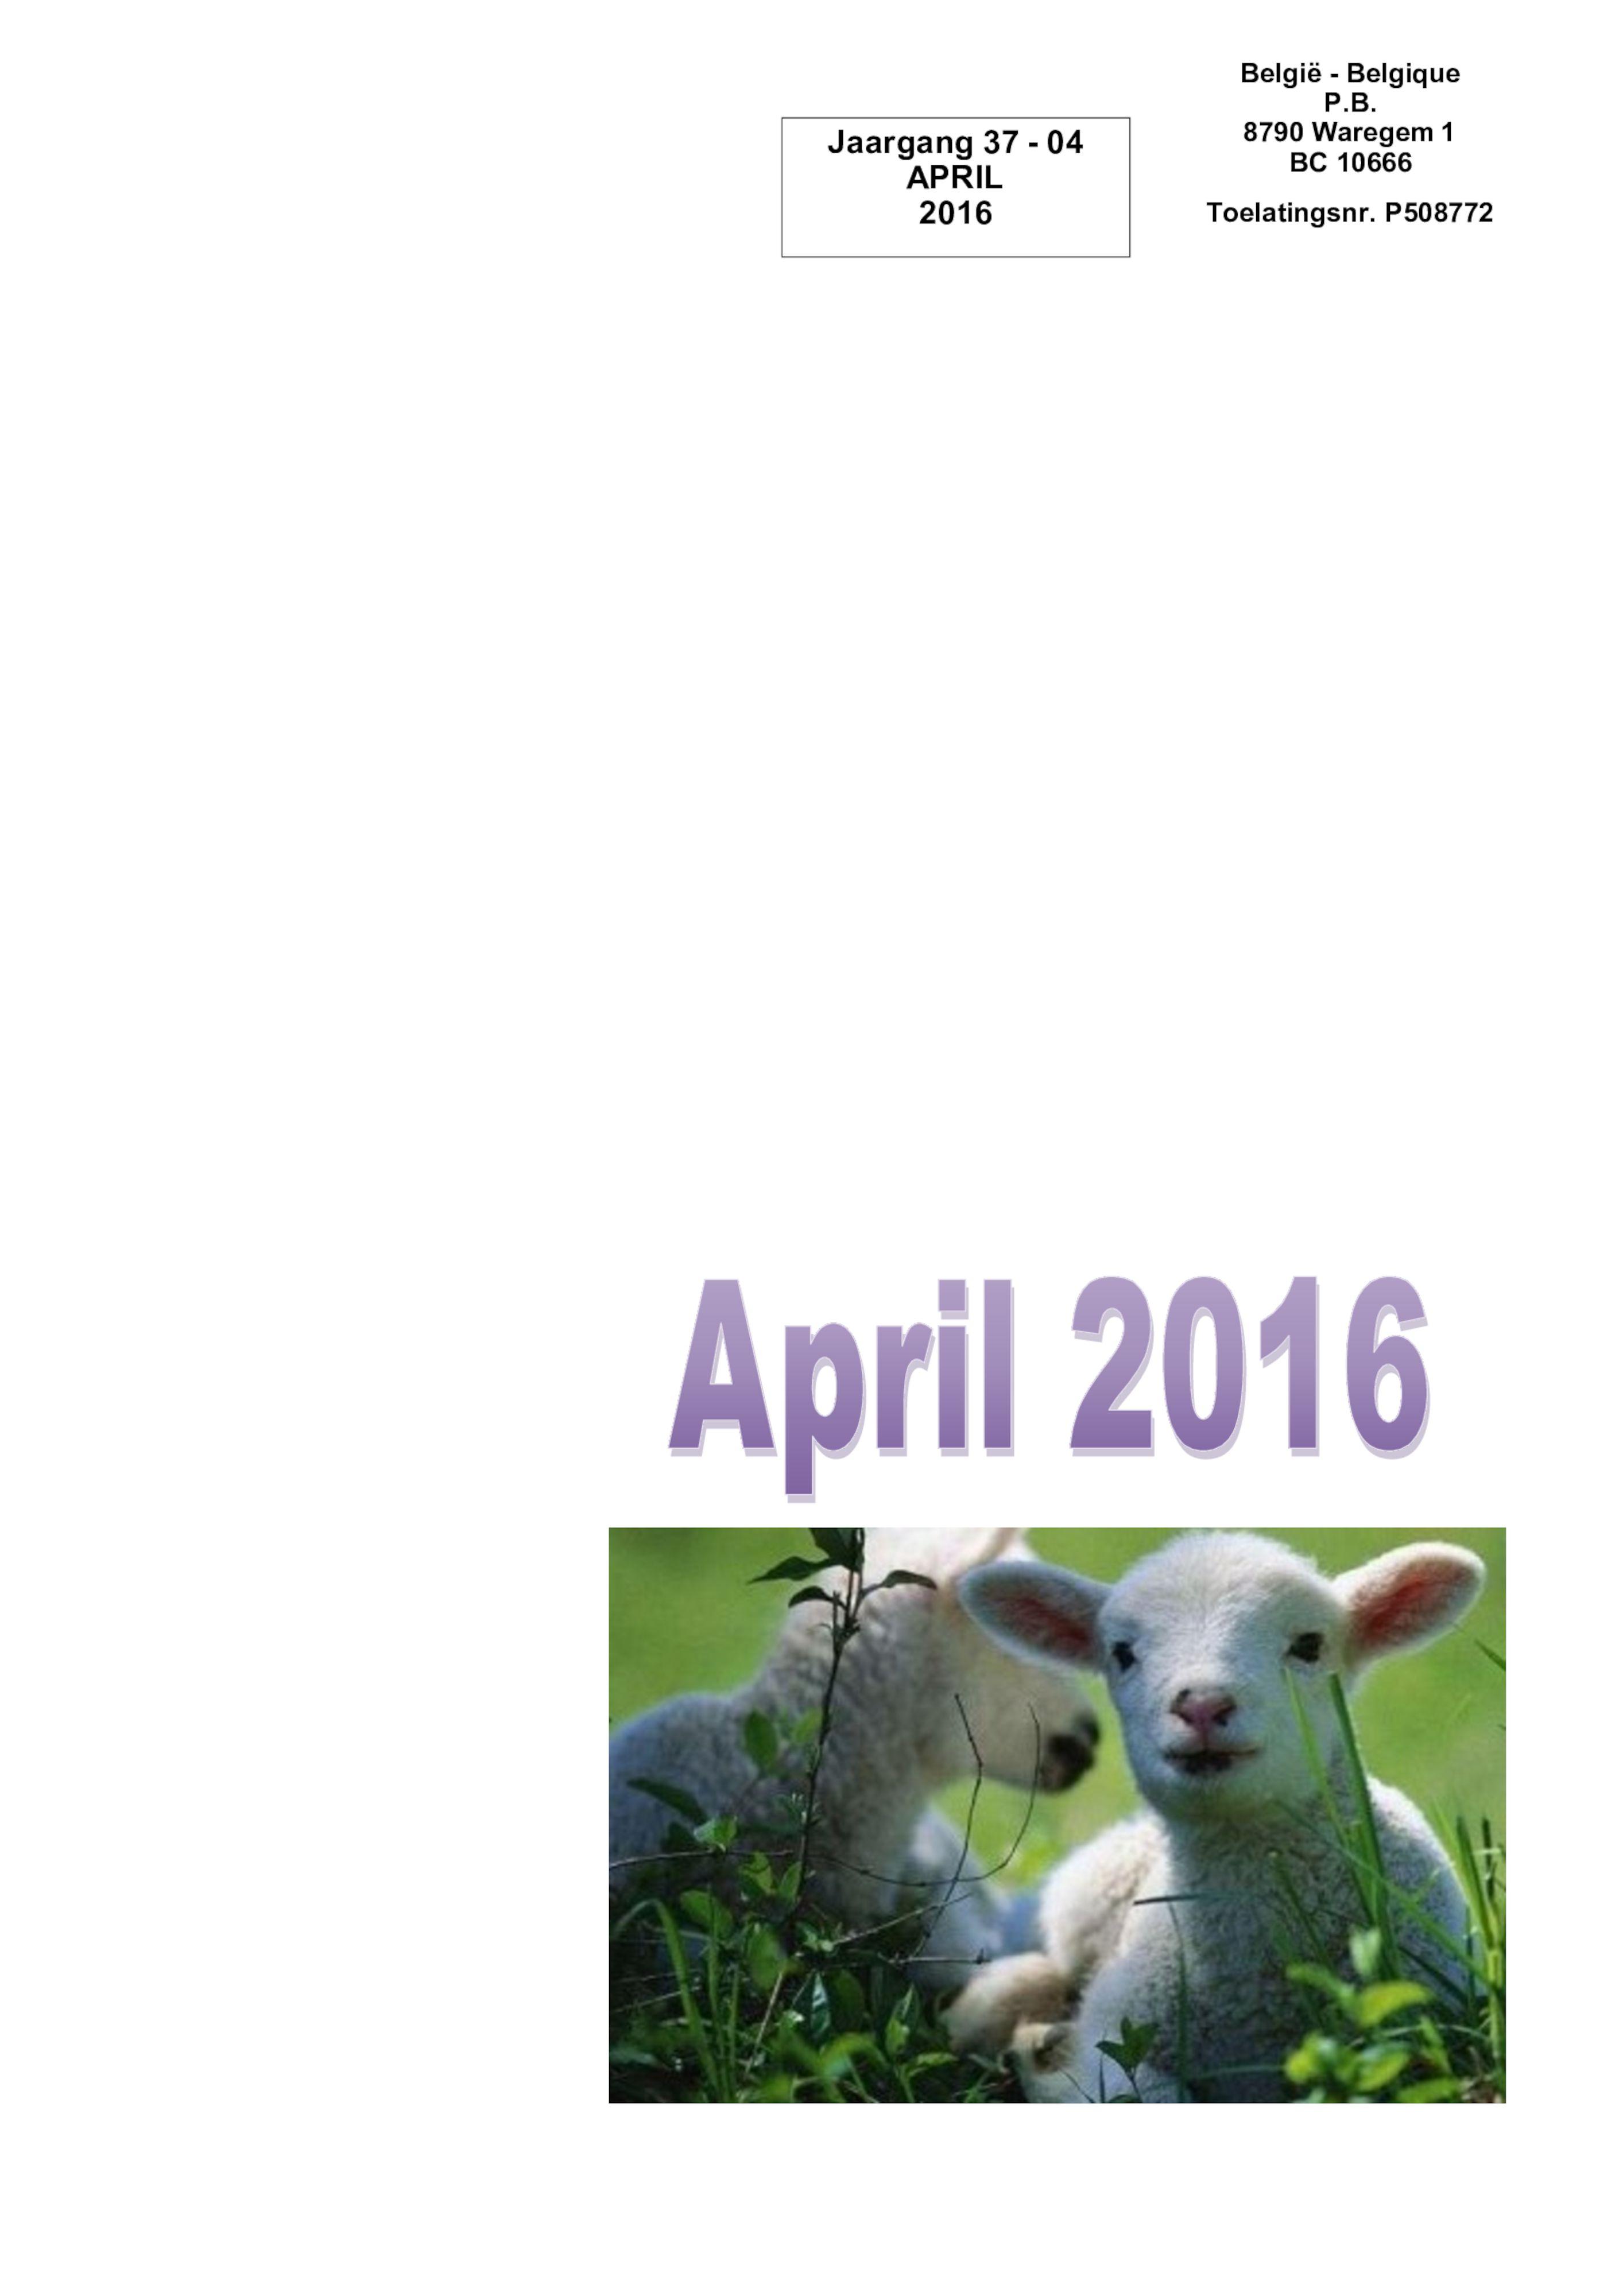 De Belle april 2016